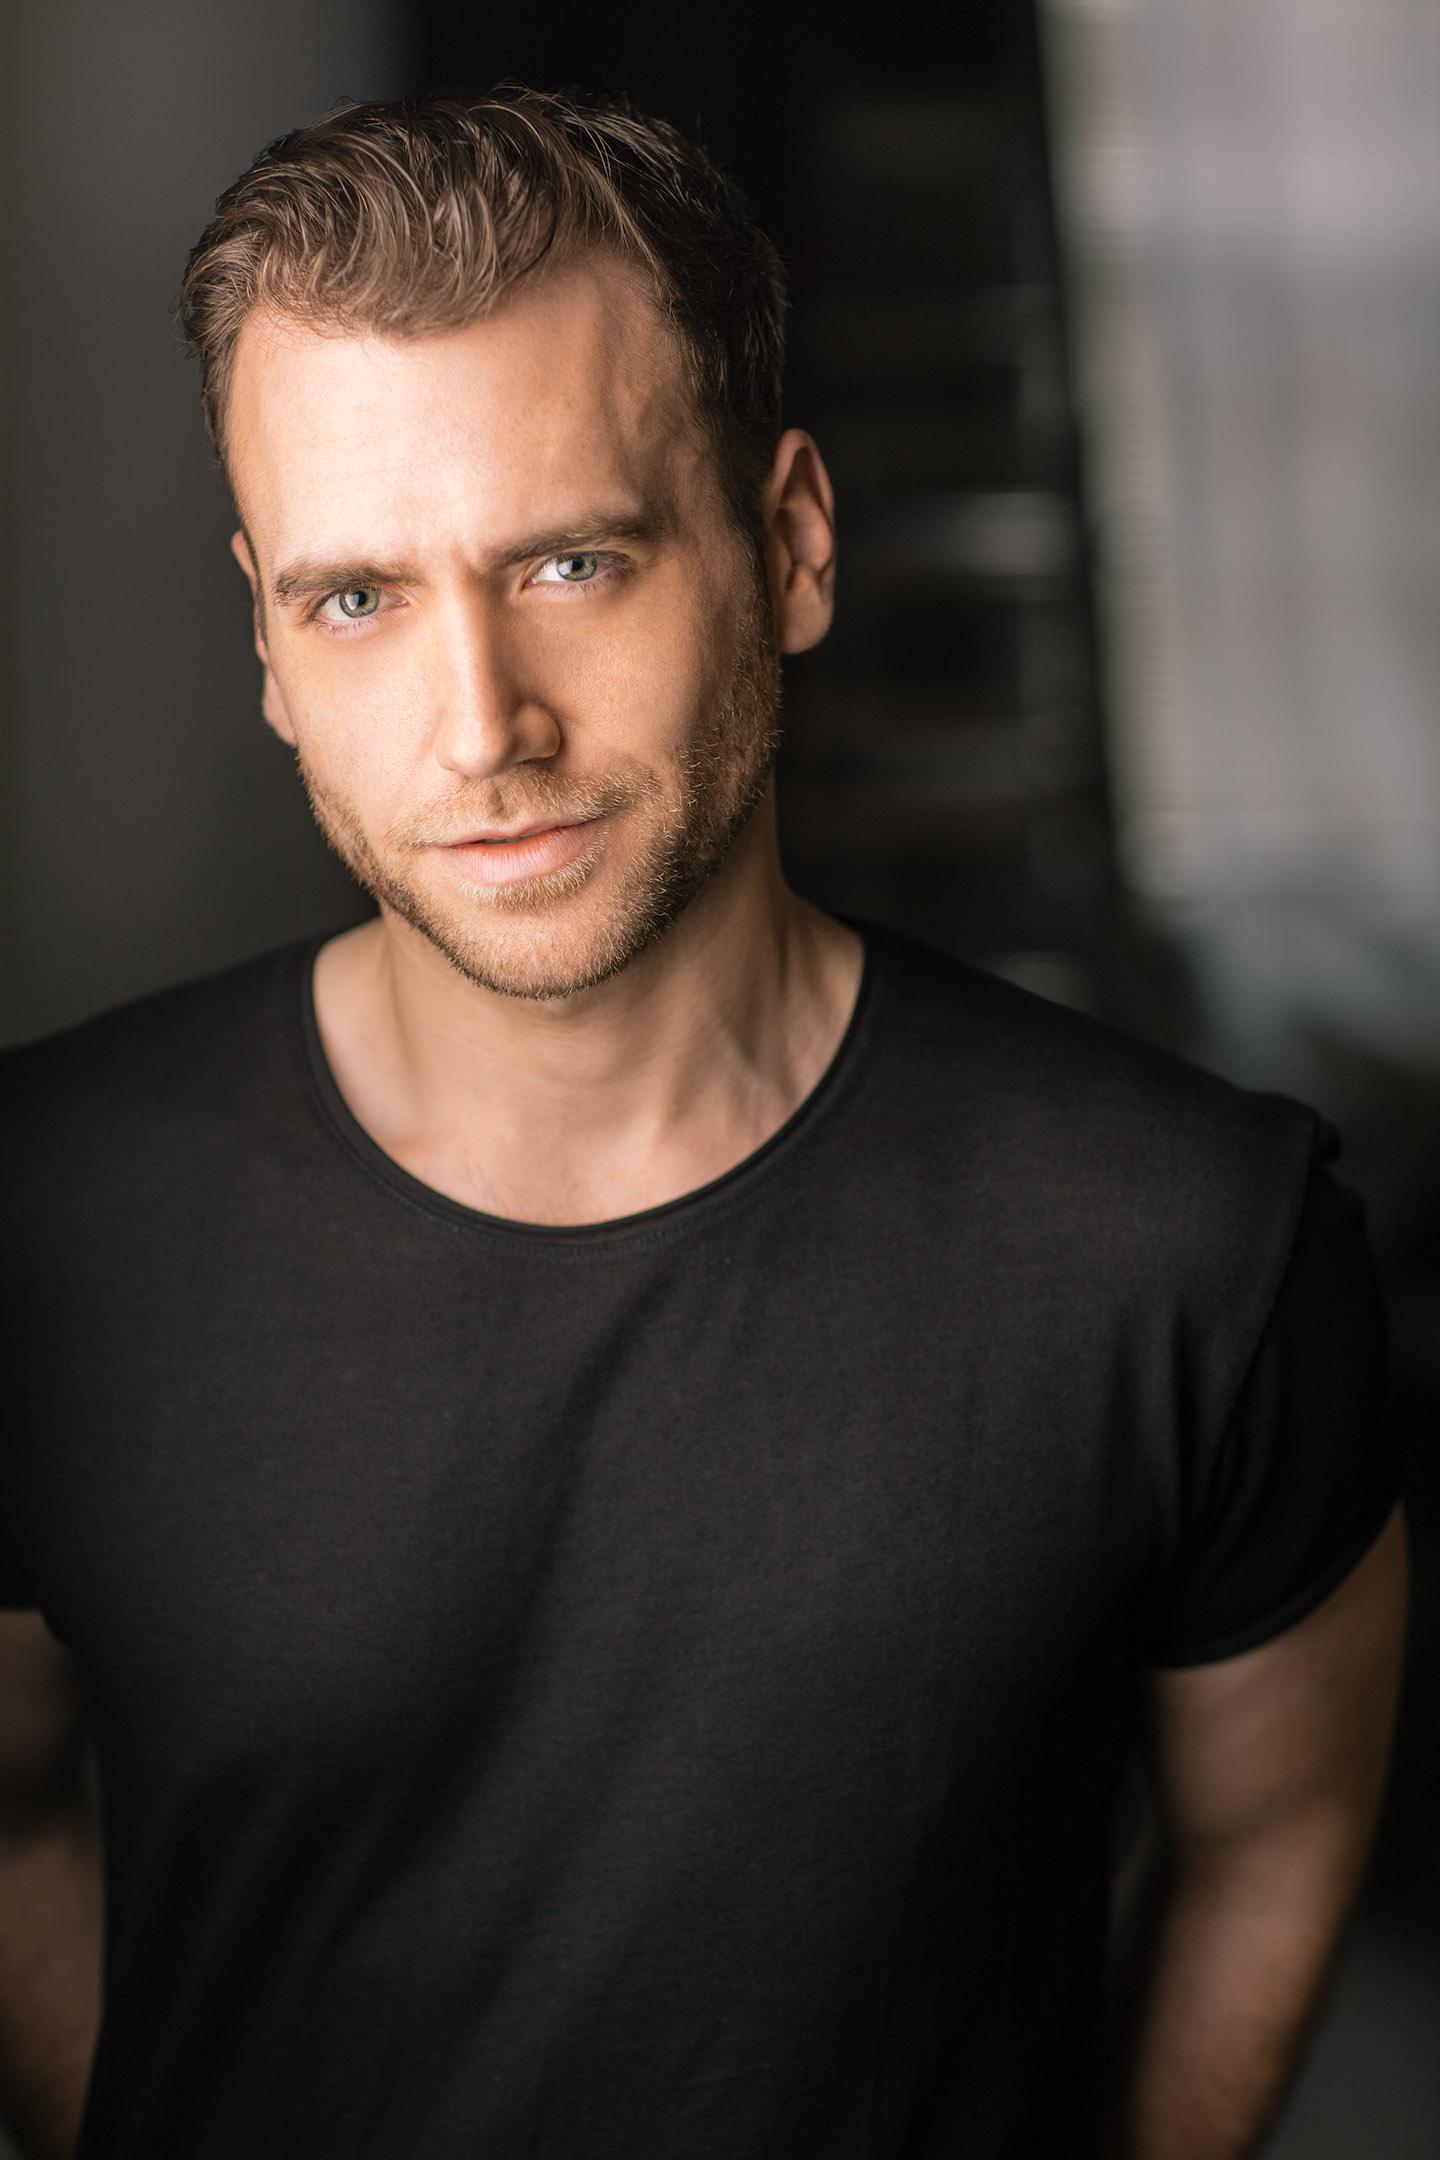 Christopher Monaghan